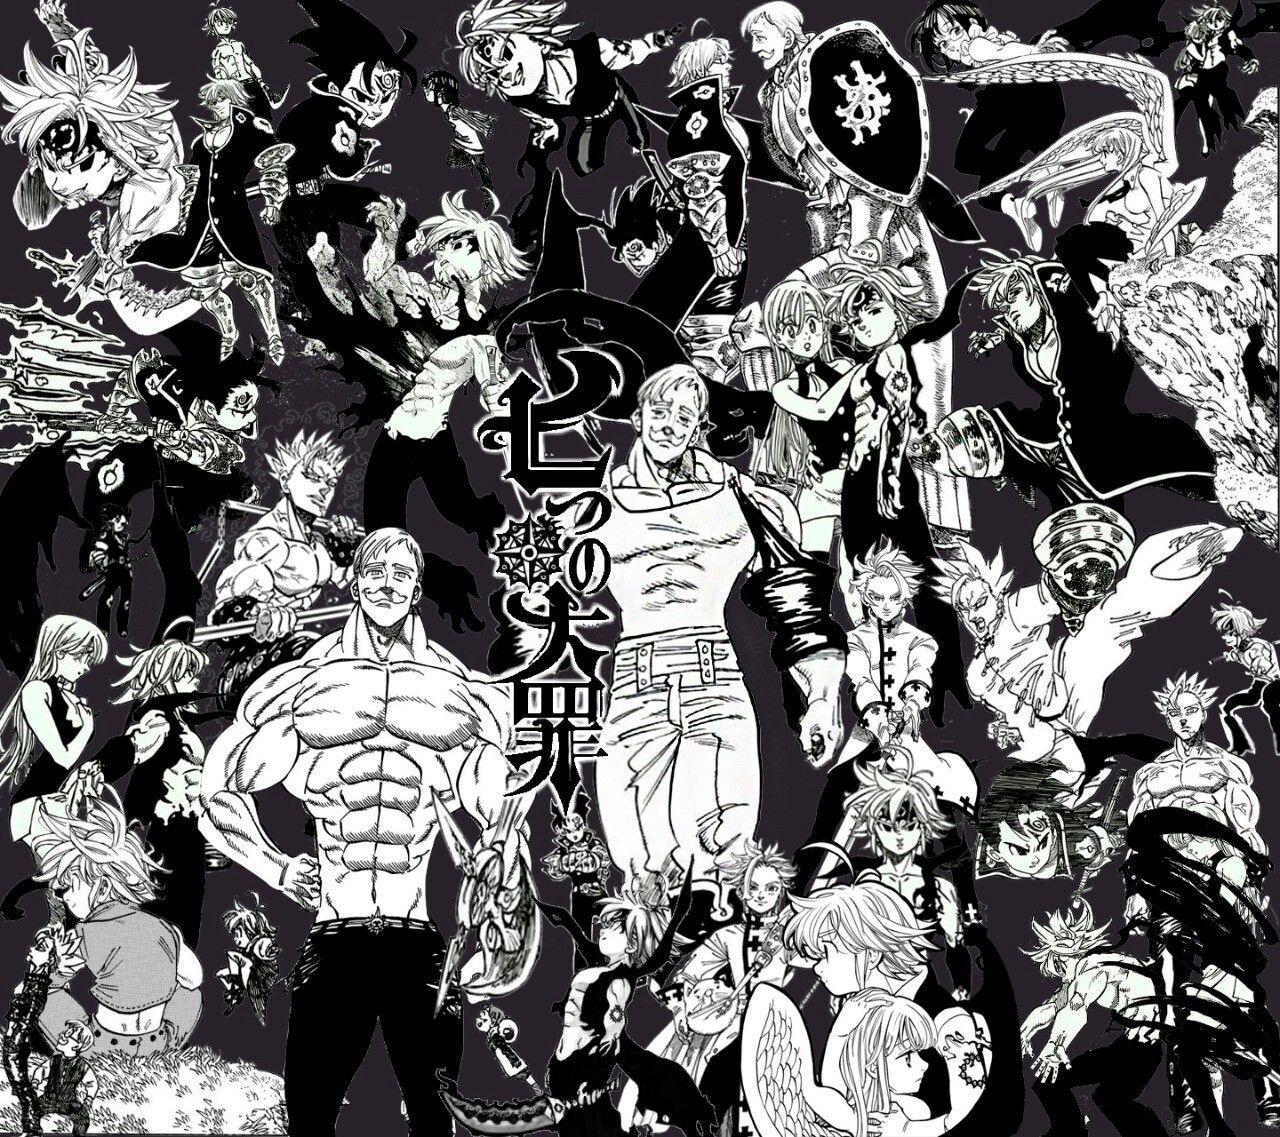 Nanatsu No Taizai Seven Deadly Sins Sete Pecados Capitais Meliodas